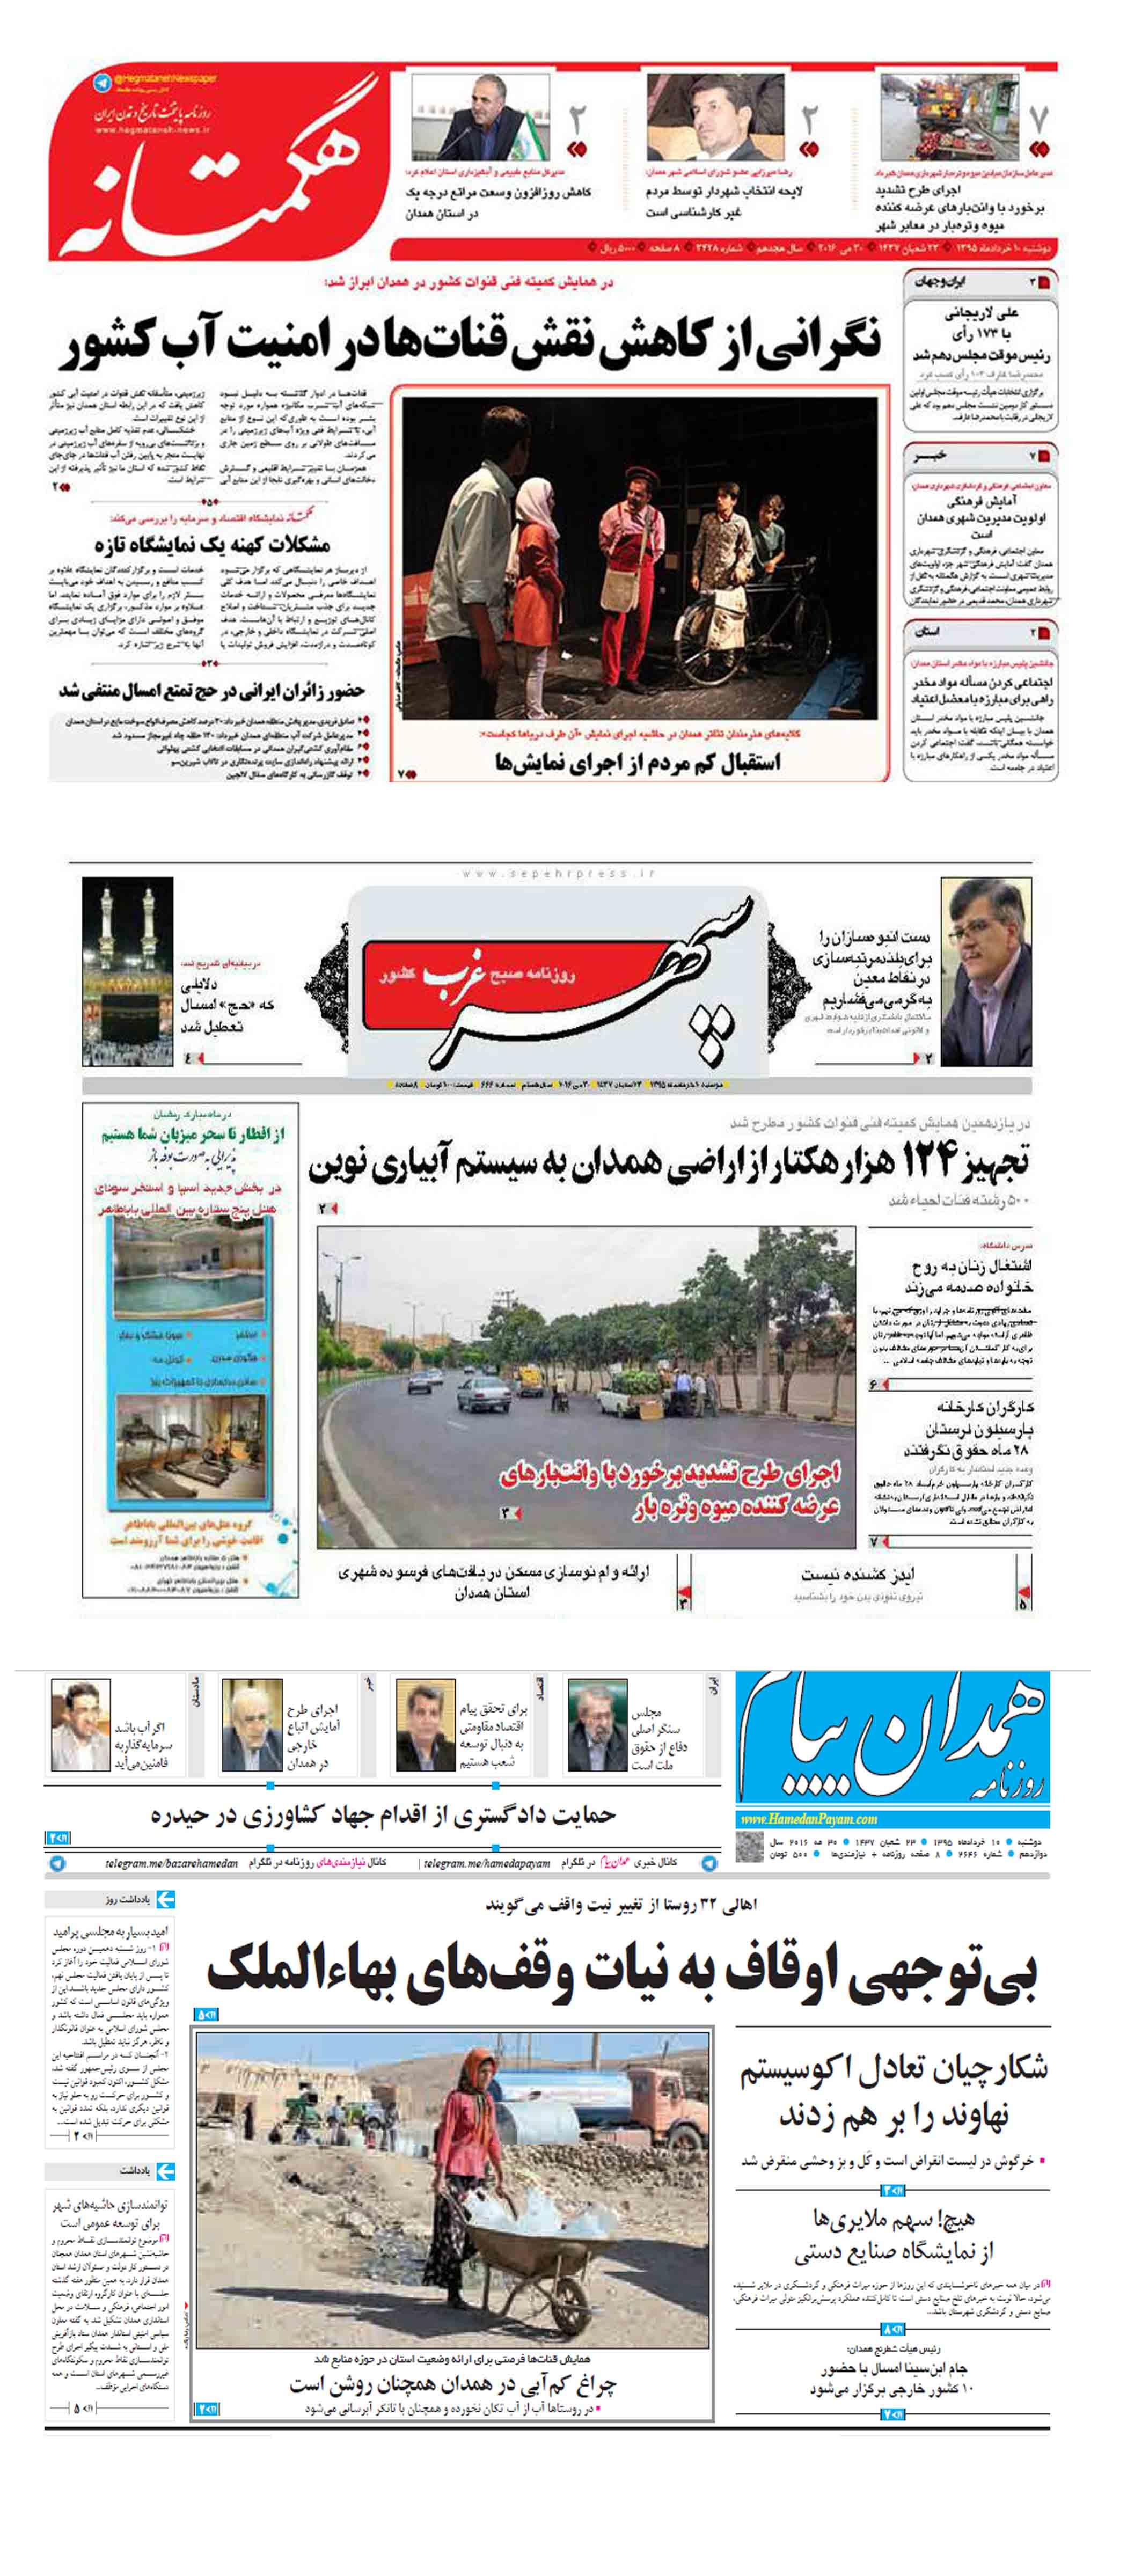 صفحه نخست روزنامه های همدان دوشنبه دهم خرداد ماه